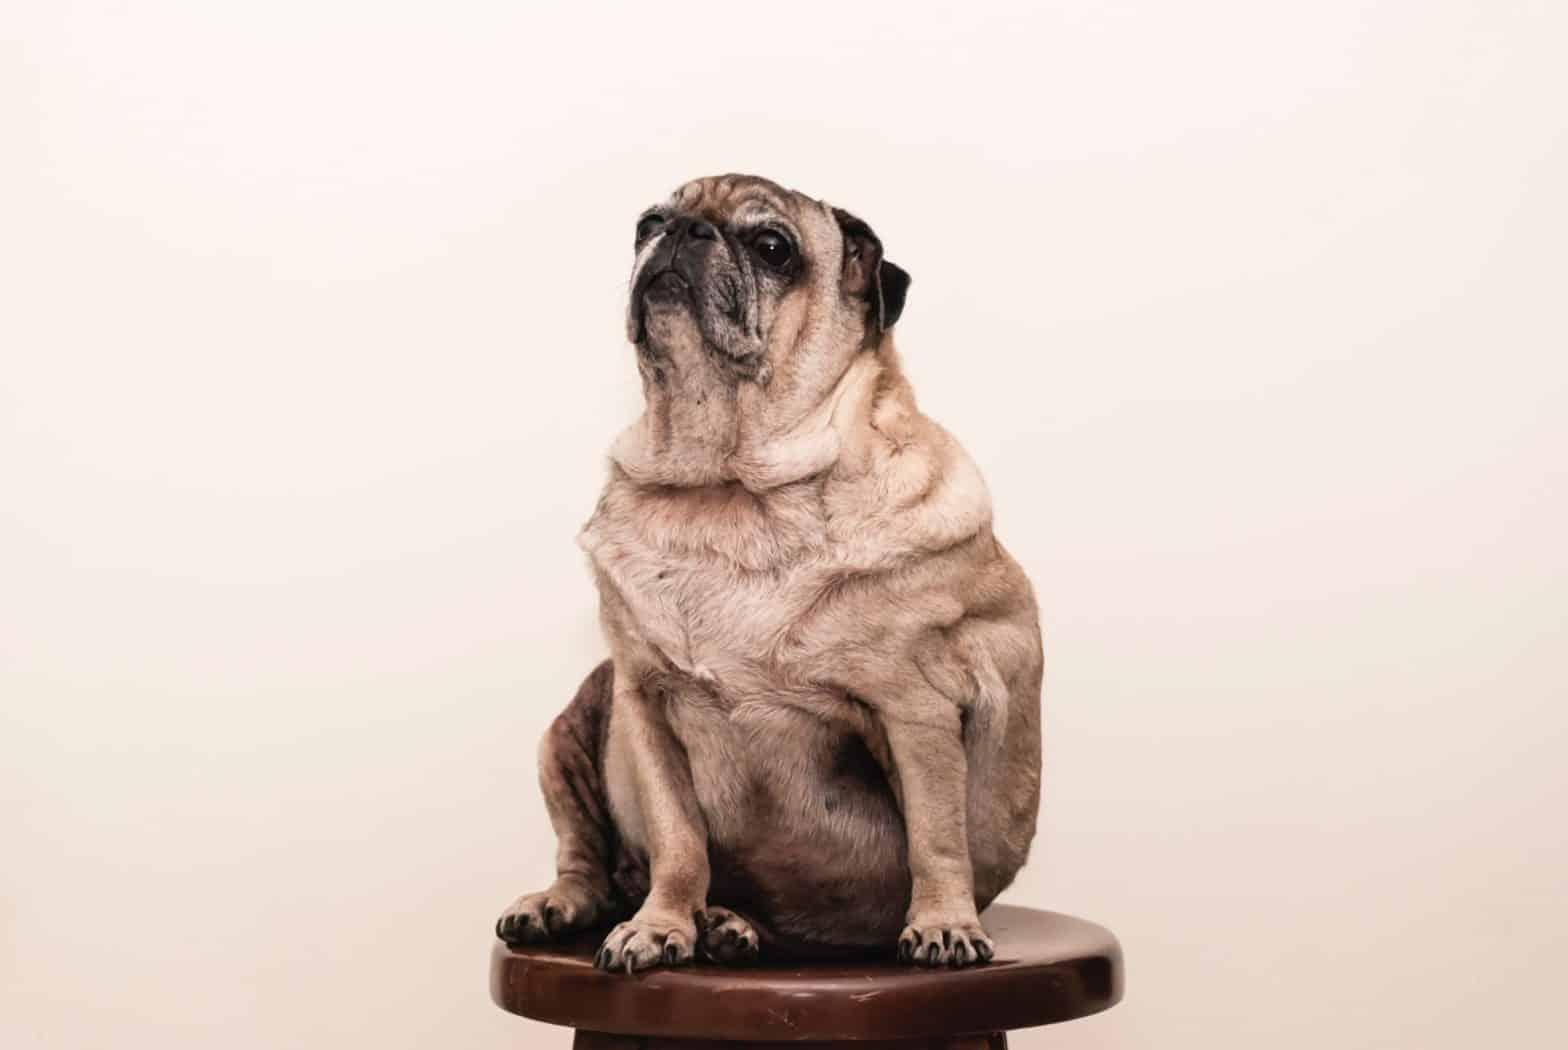 Te dikke hond die op een stoel neerzit.